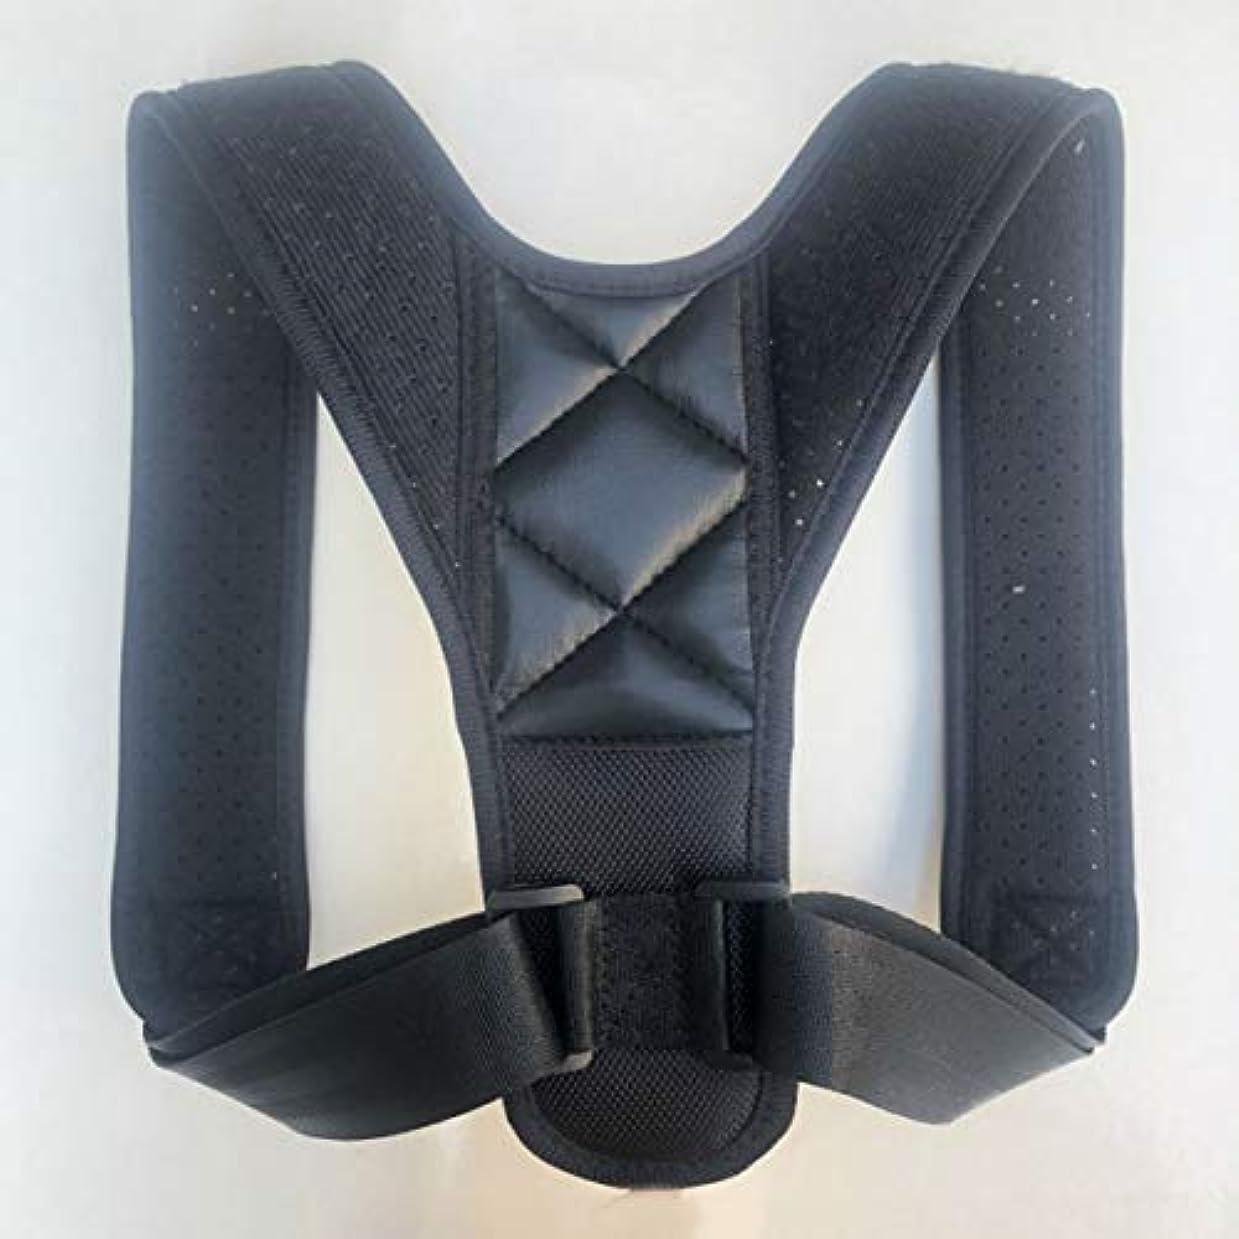 ページェント時々予備アッパーバックポスチャーコレクター姿勢鎖骨サポートコレクターバックストレートショルダーブレースストラップコレクター - ブラック